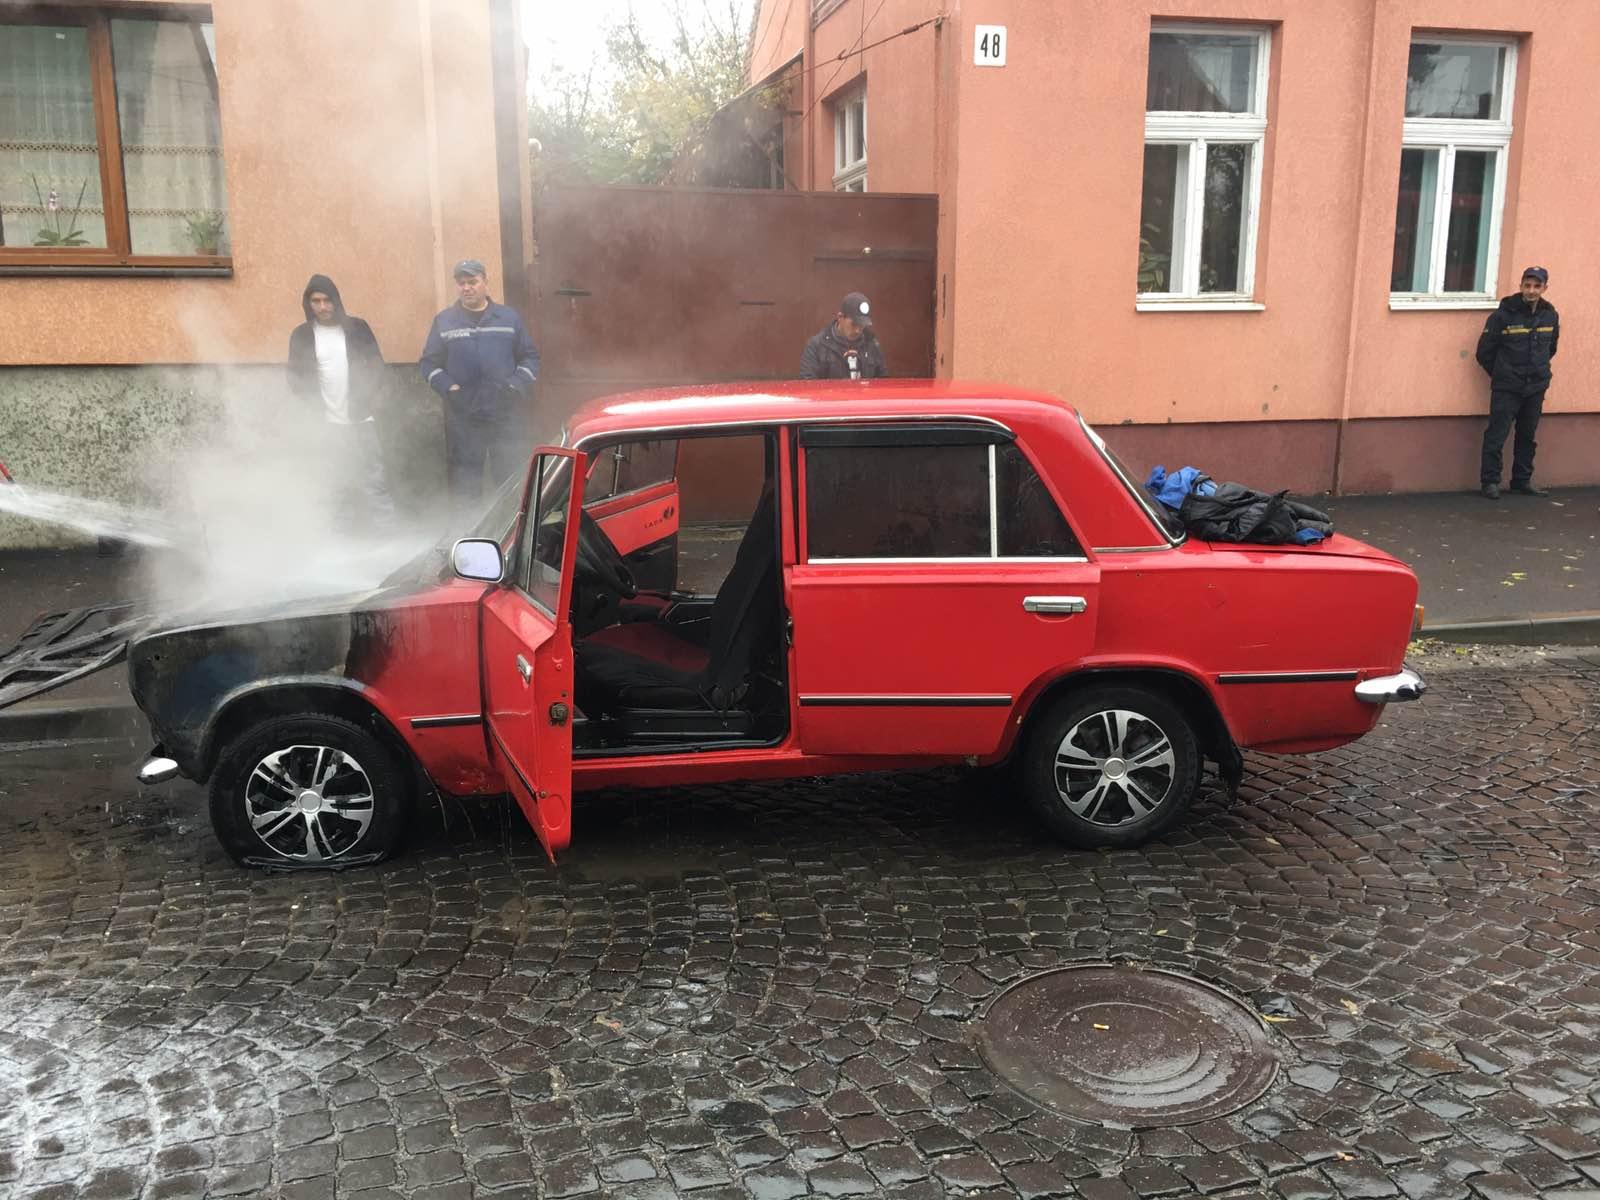 Закарпаття. Легковий автомобіль палав на вулиці Тюльпанів у Виноградові